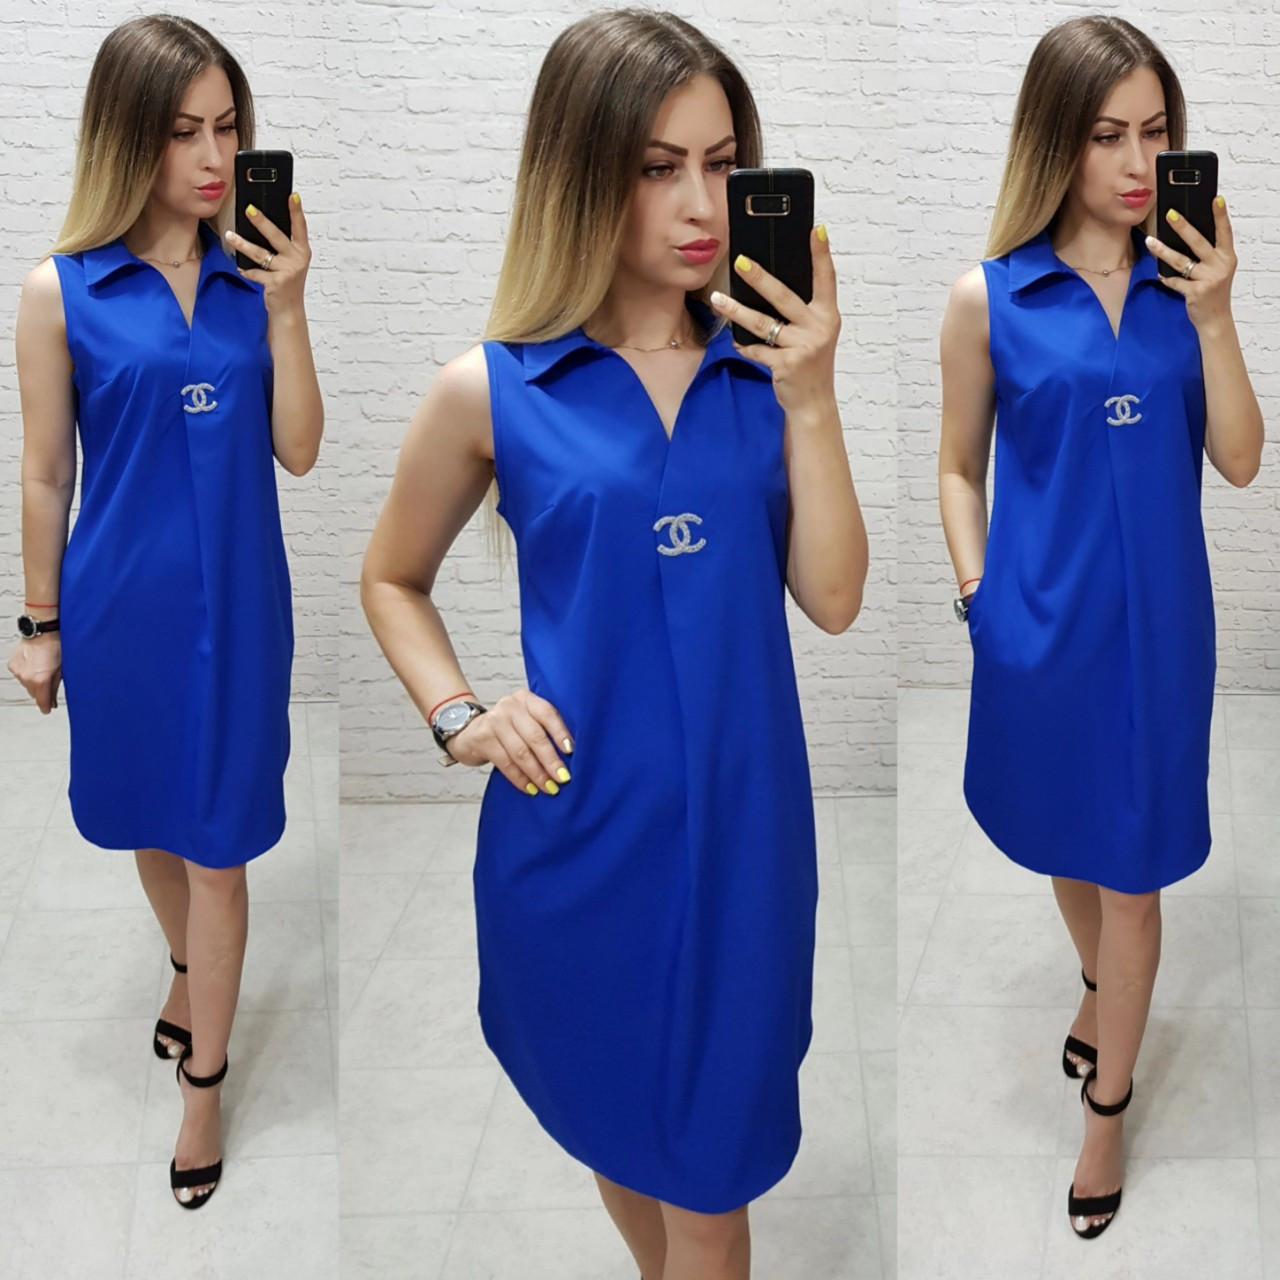 Платье / сарафан с брошью и карманами, арт 167,  цвет электрик